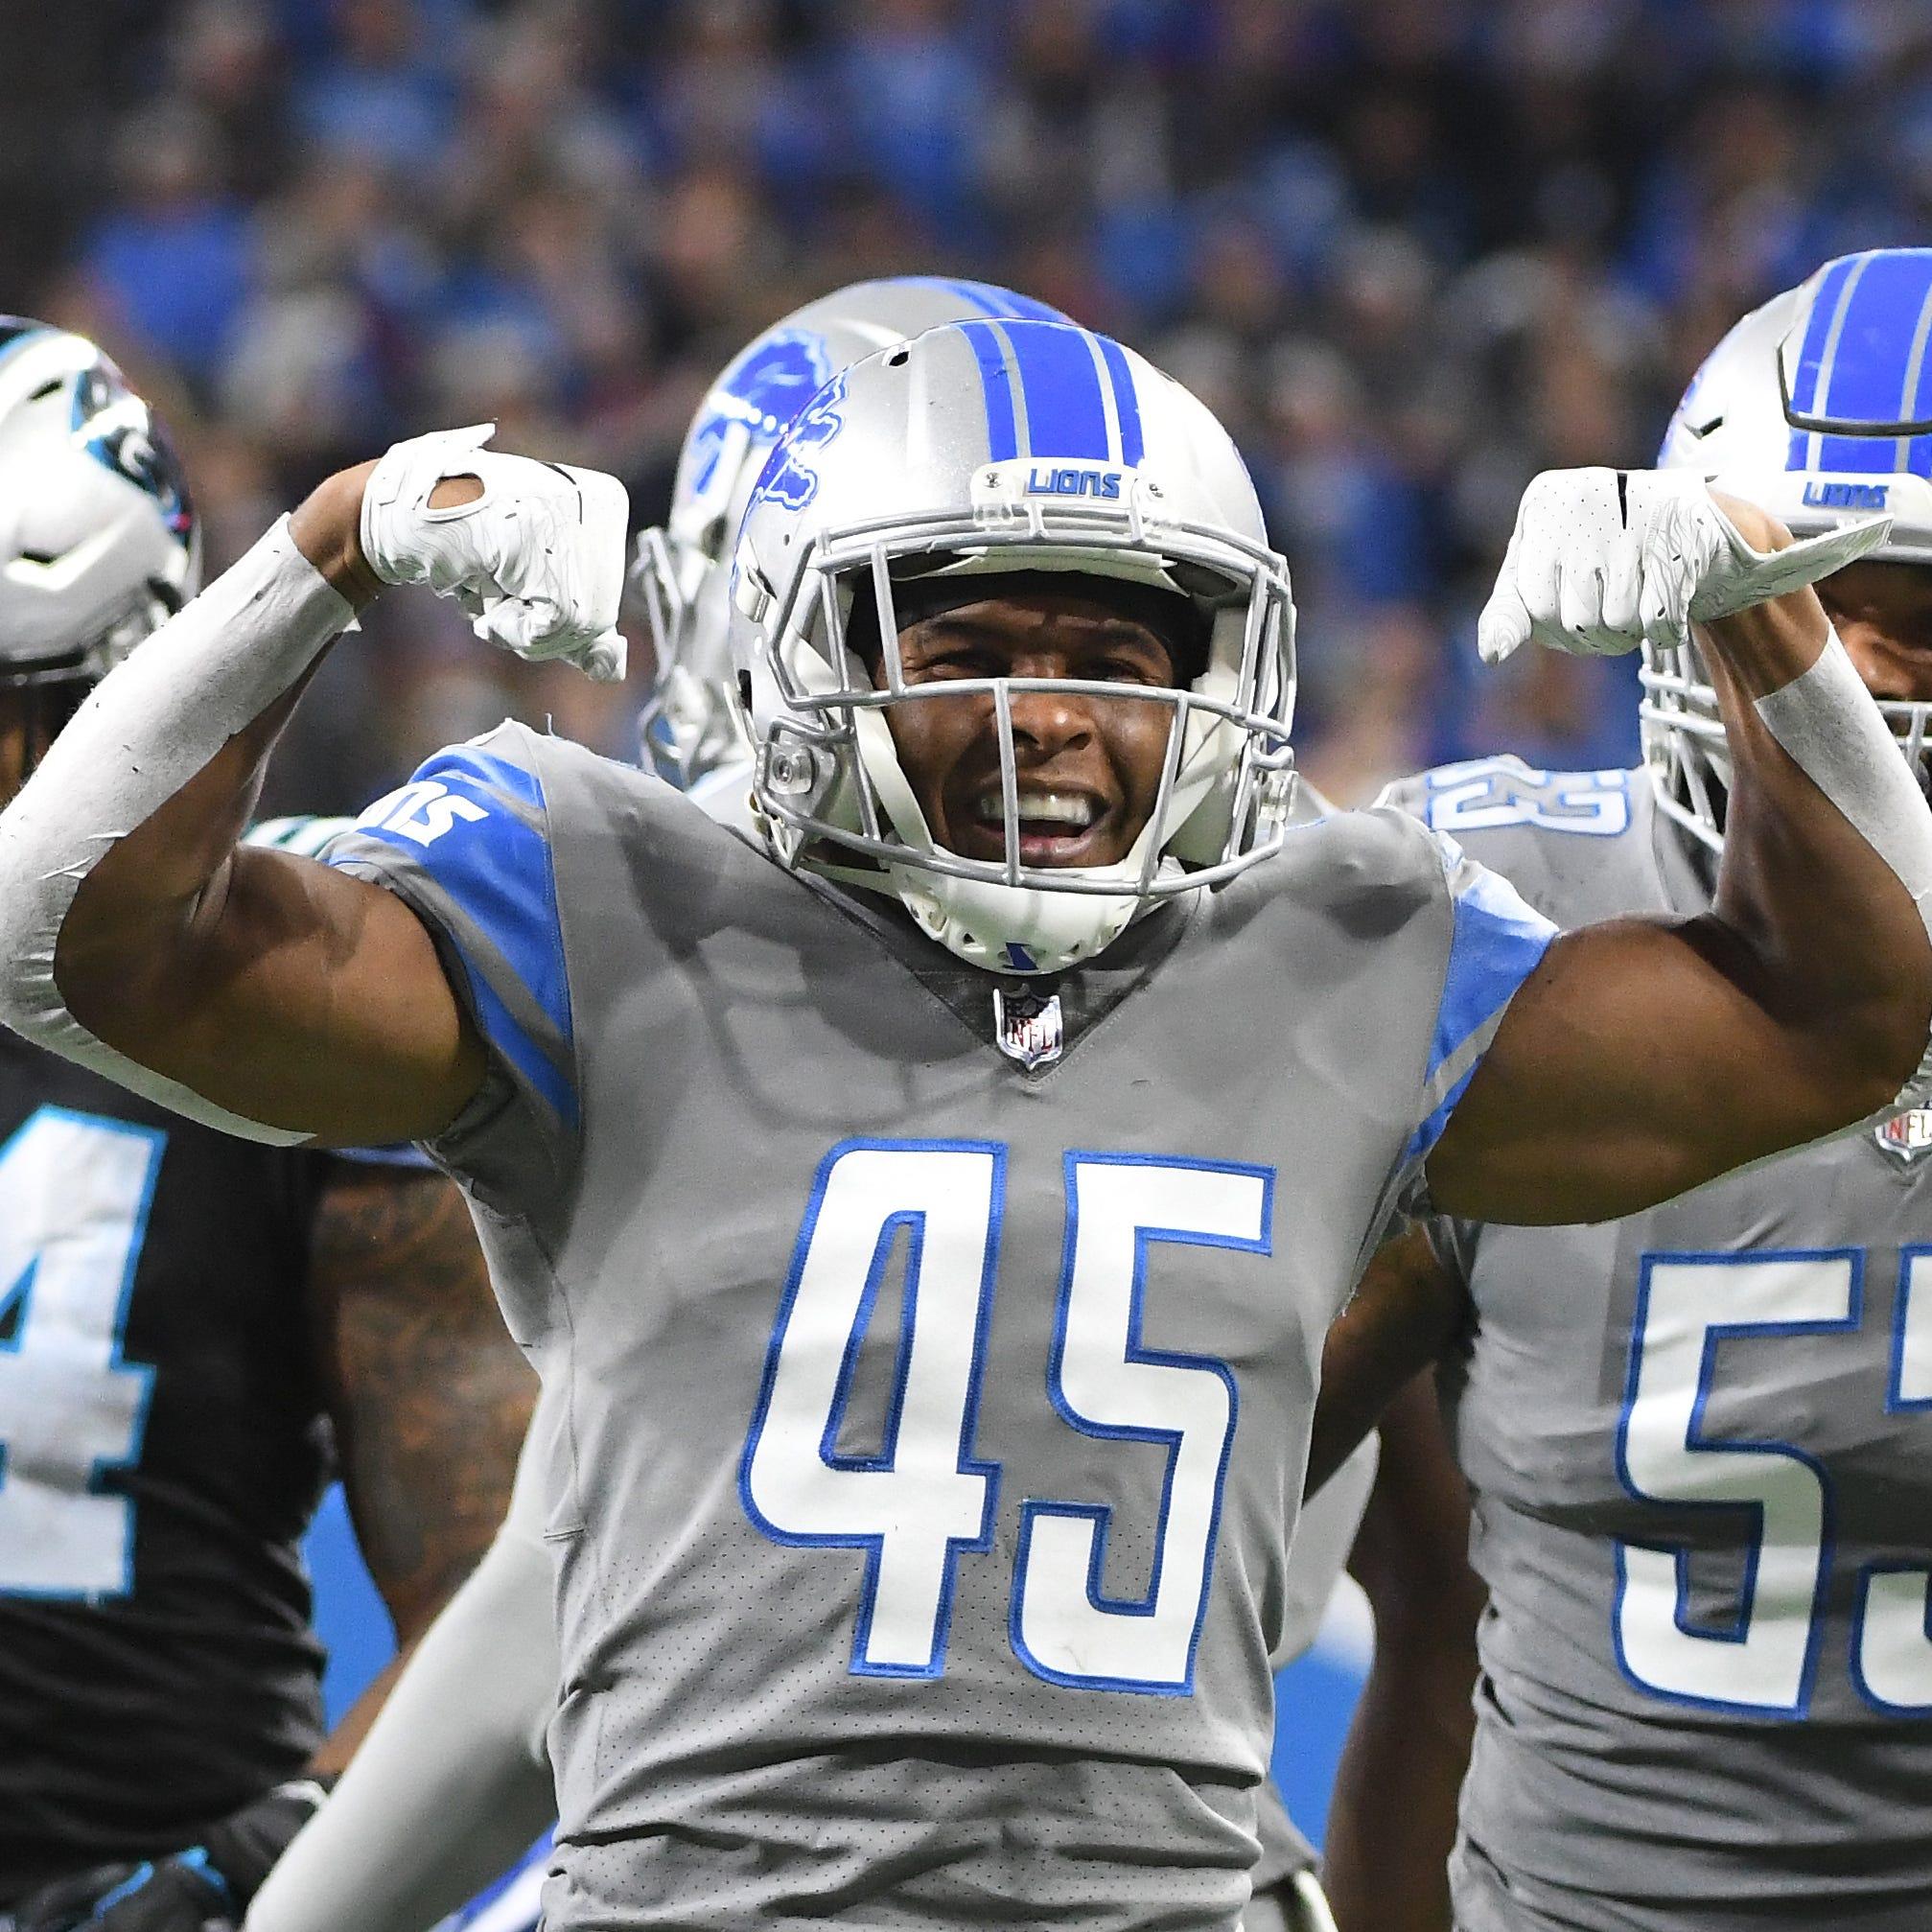 Niyo: Stopgap victory eases pressure on Lions